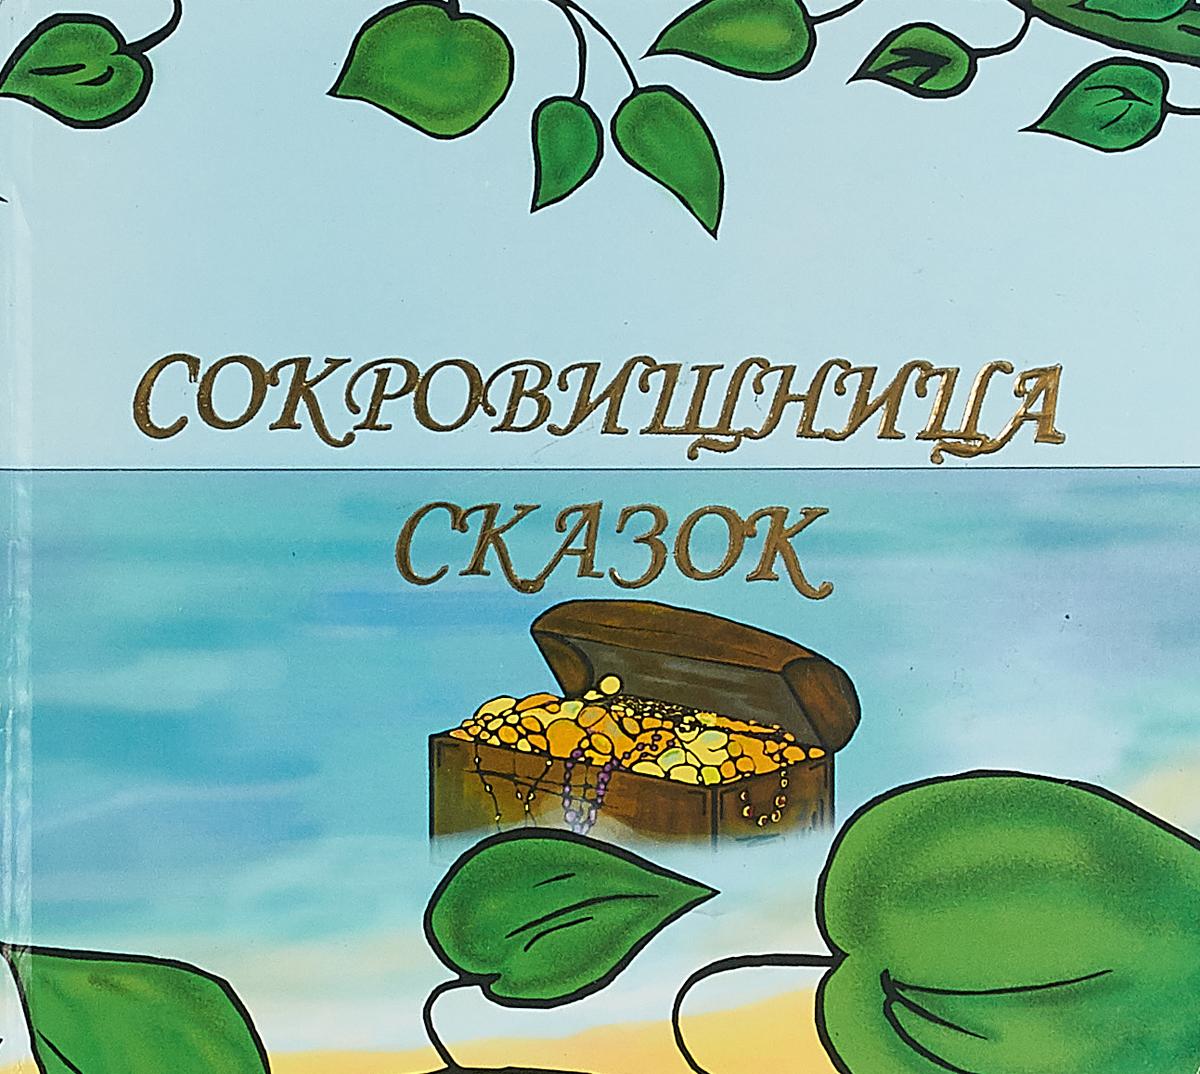 Сокровищница сказок. Книга 1 fenix сказки на английском и русском три поросенка дюймовочка